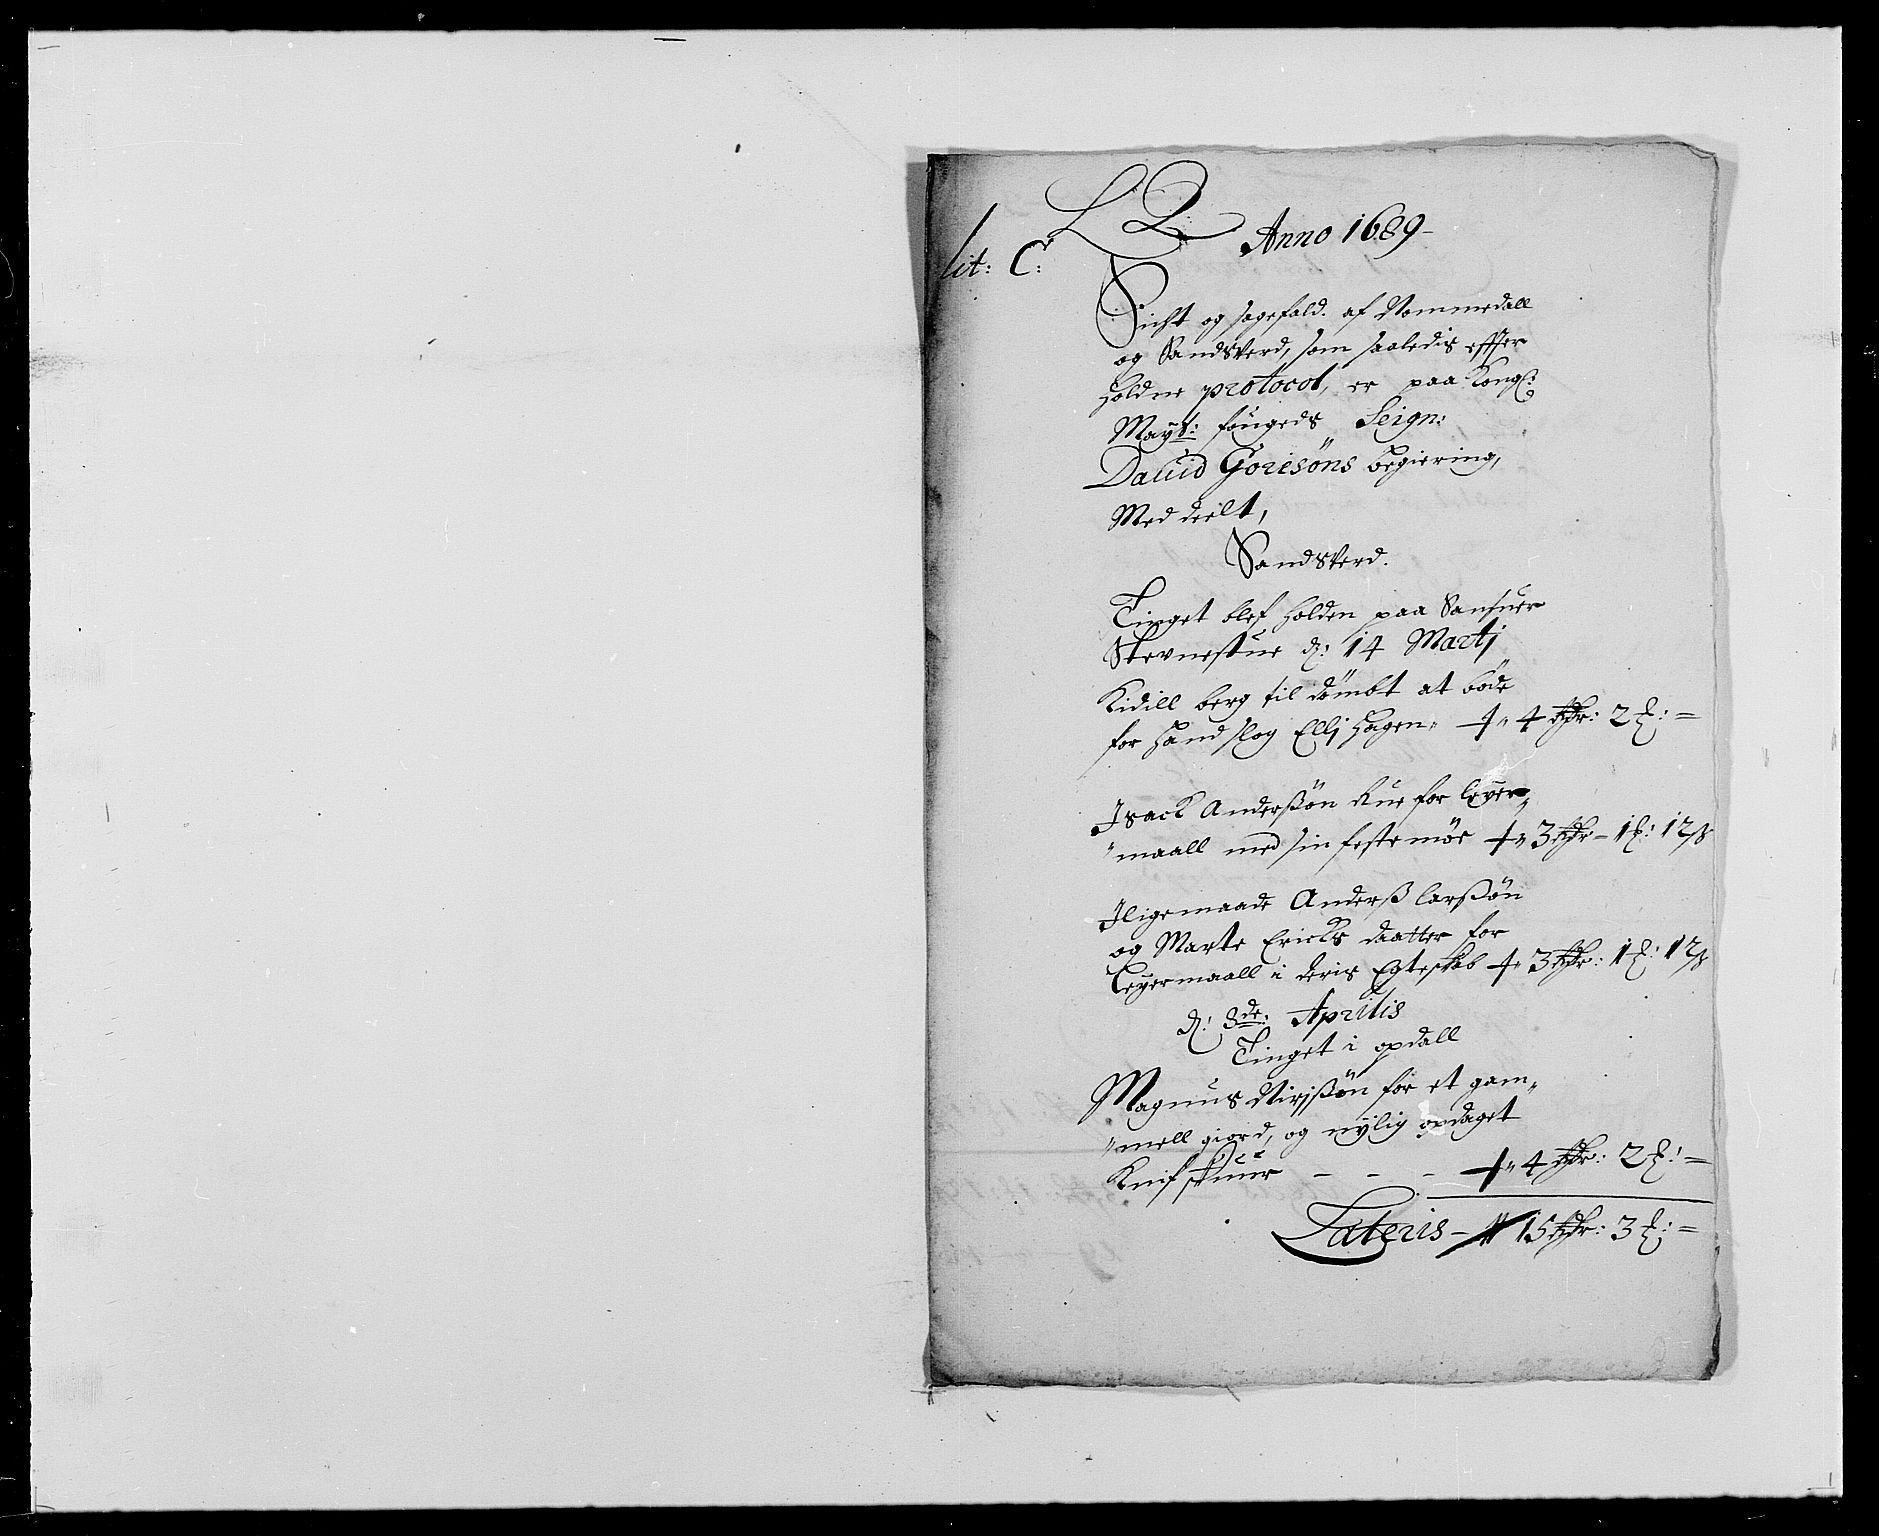 RA, Rentekammeret inntil 1814, Reviderte regnskaper, Fogderegnskap, R24/L1573: Fogderegnskap Numedal og Sandsvær, 1687-1691, s. 370